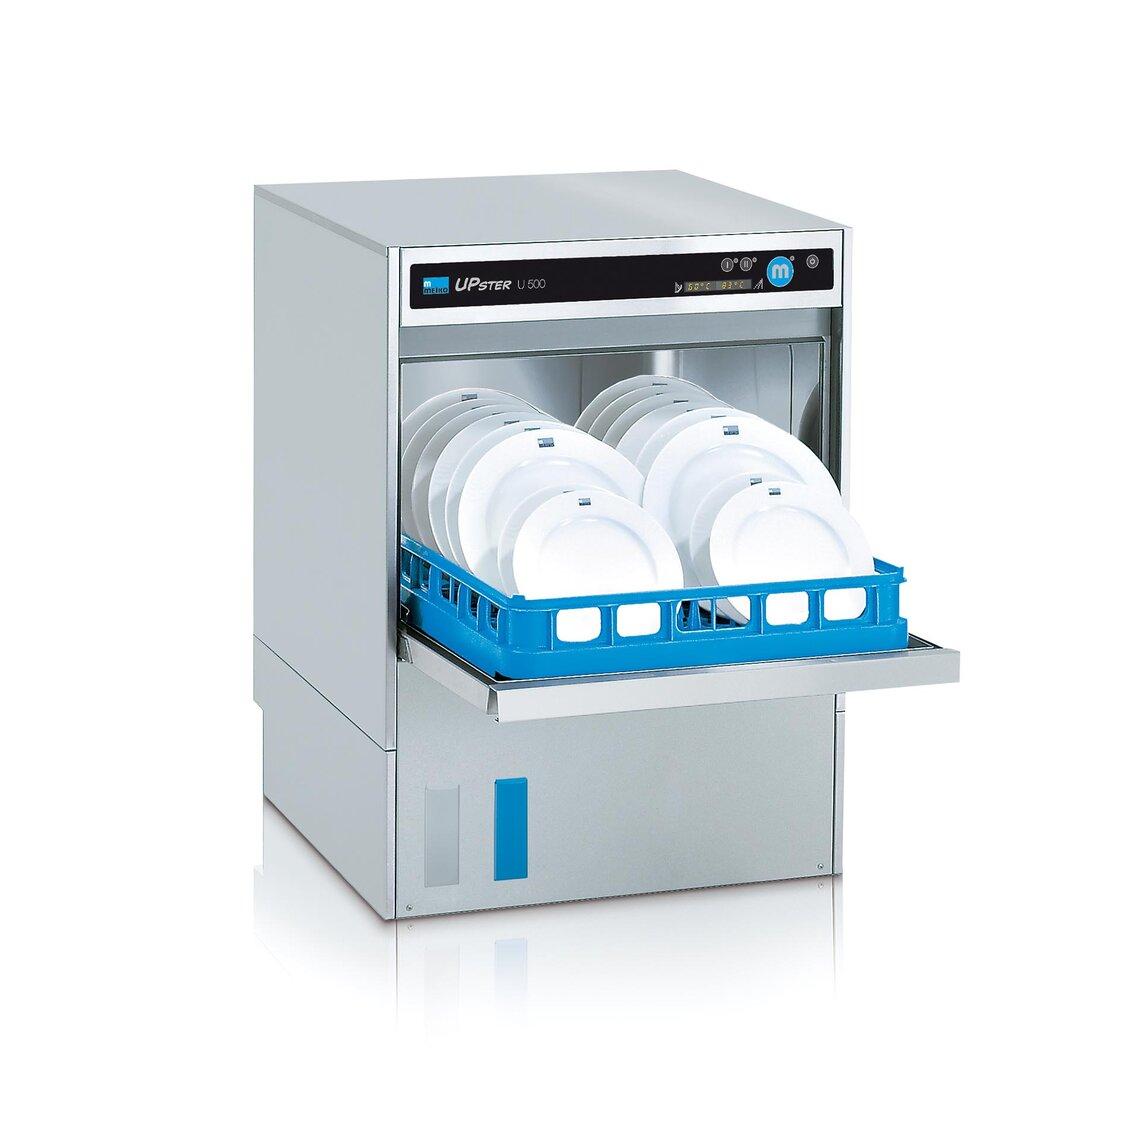 Bar dishwashers - technical data - MEIKO